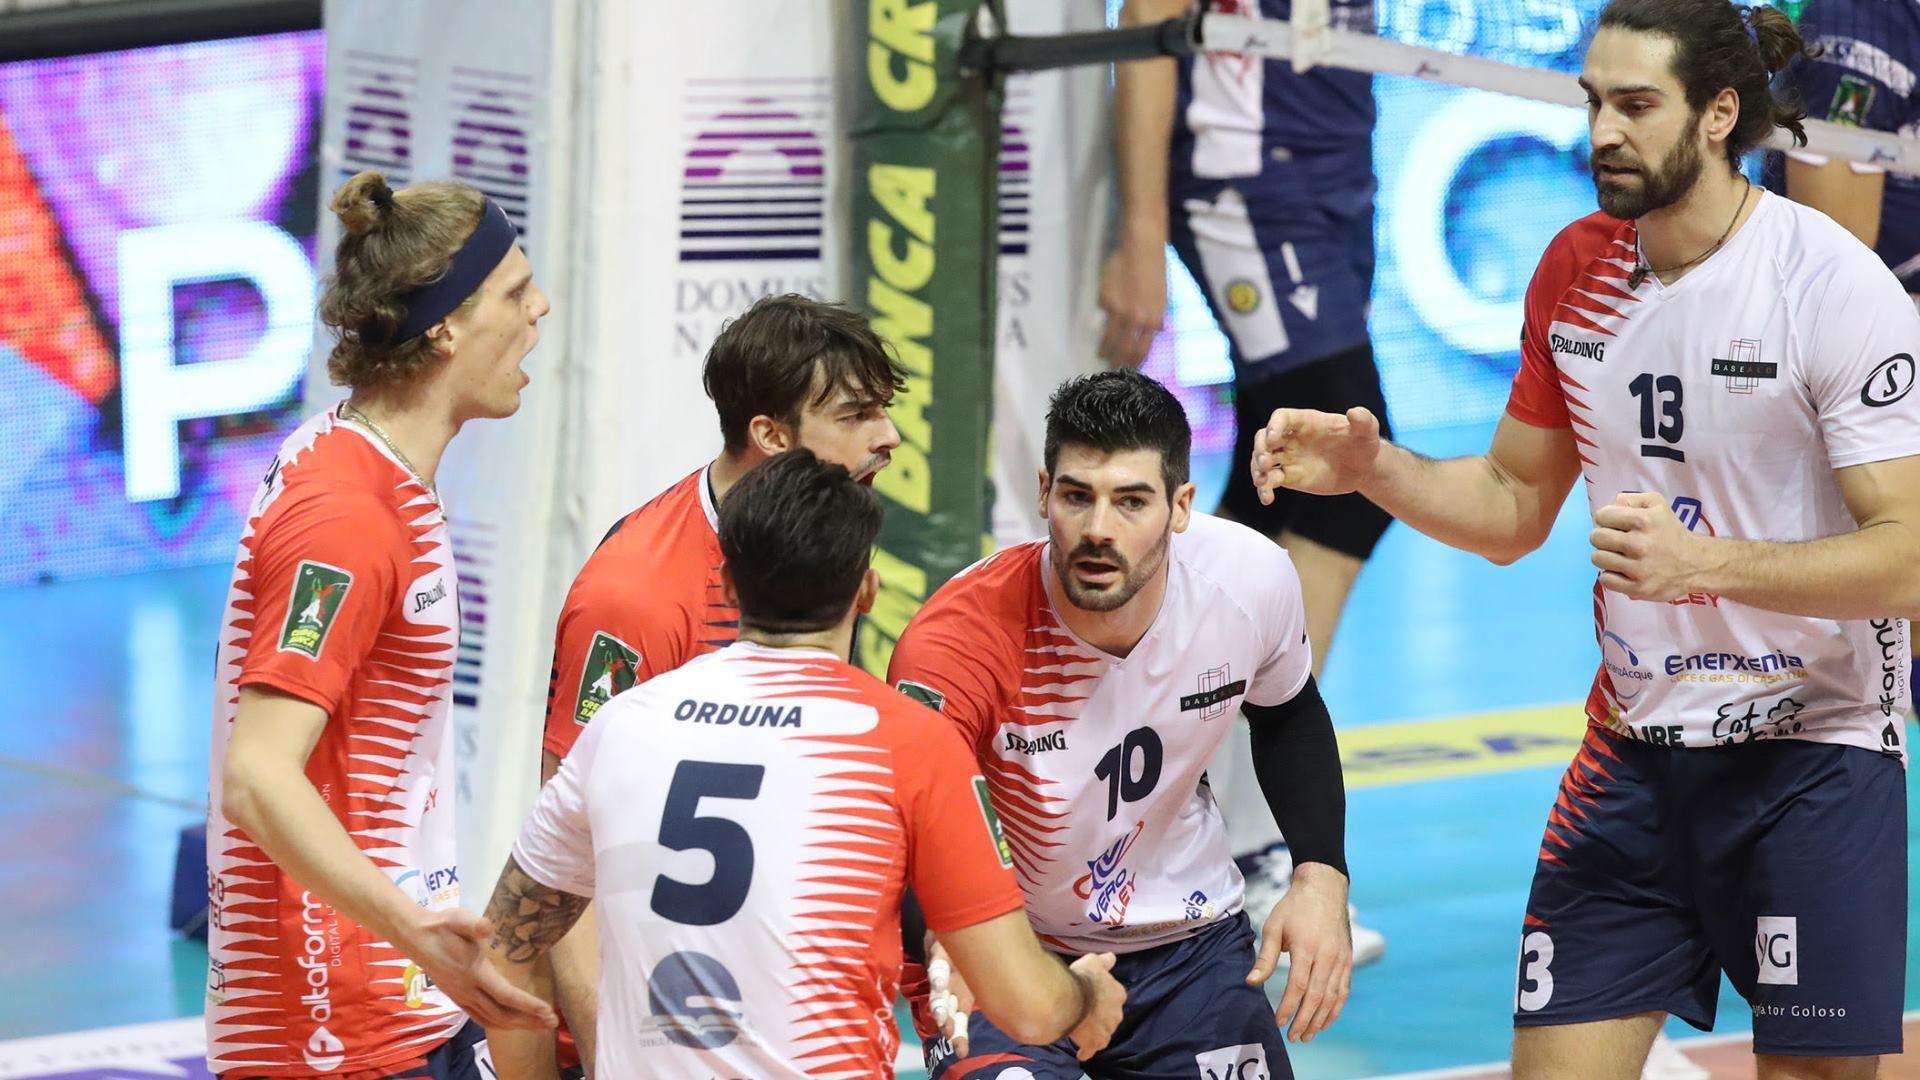 VOLLEY PALLAVOLO. Consar Ravenna - Vero Volley Monza.